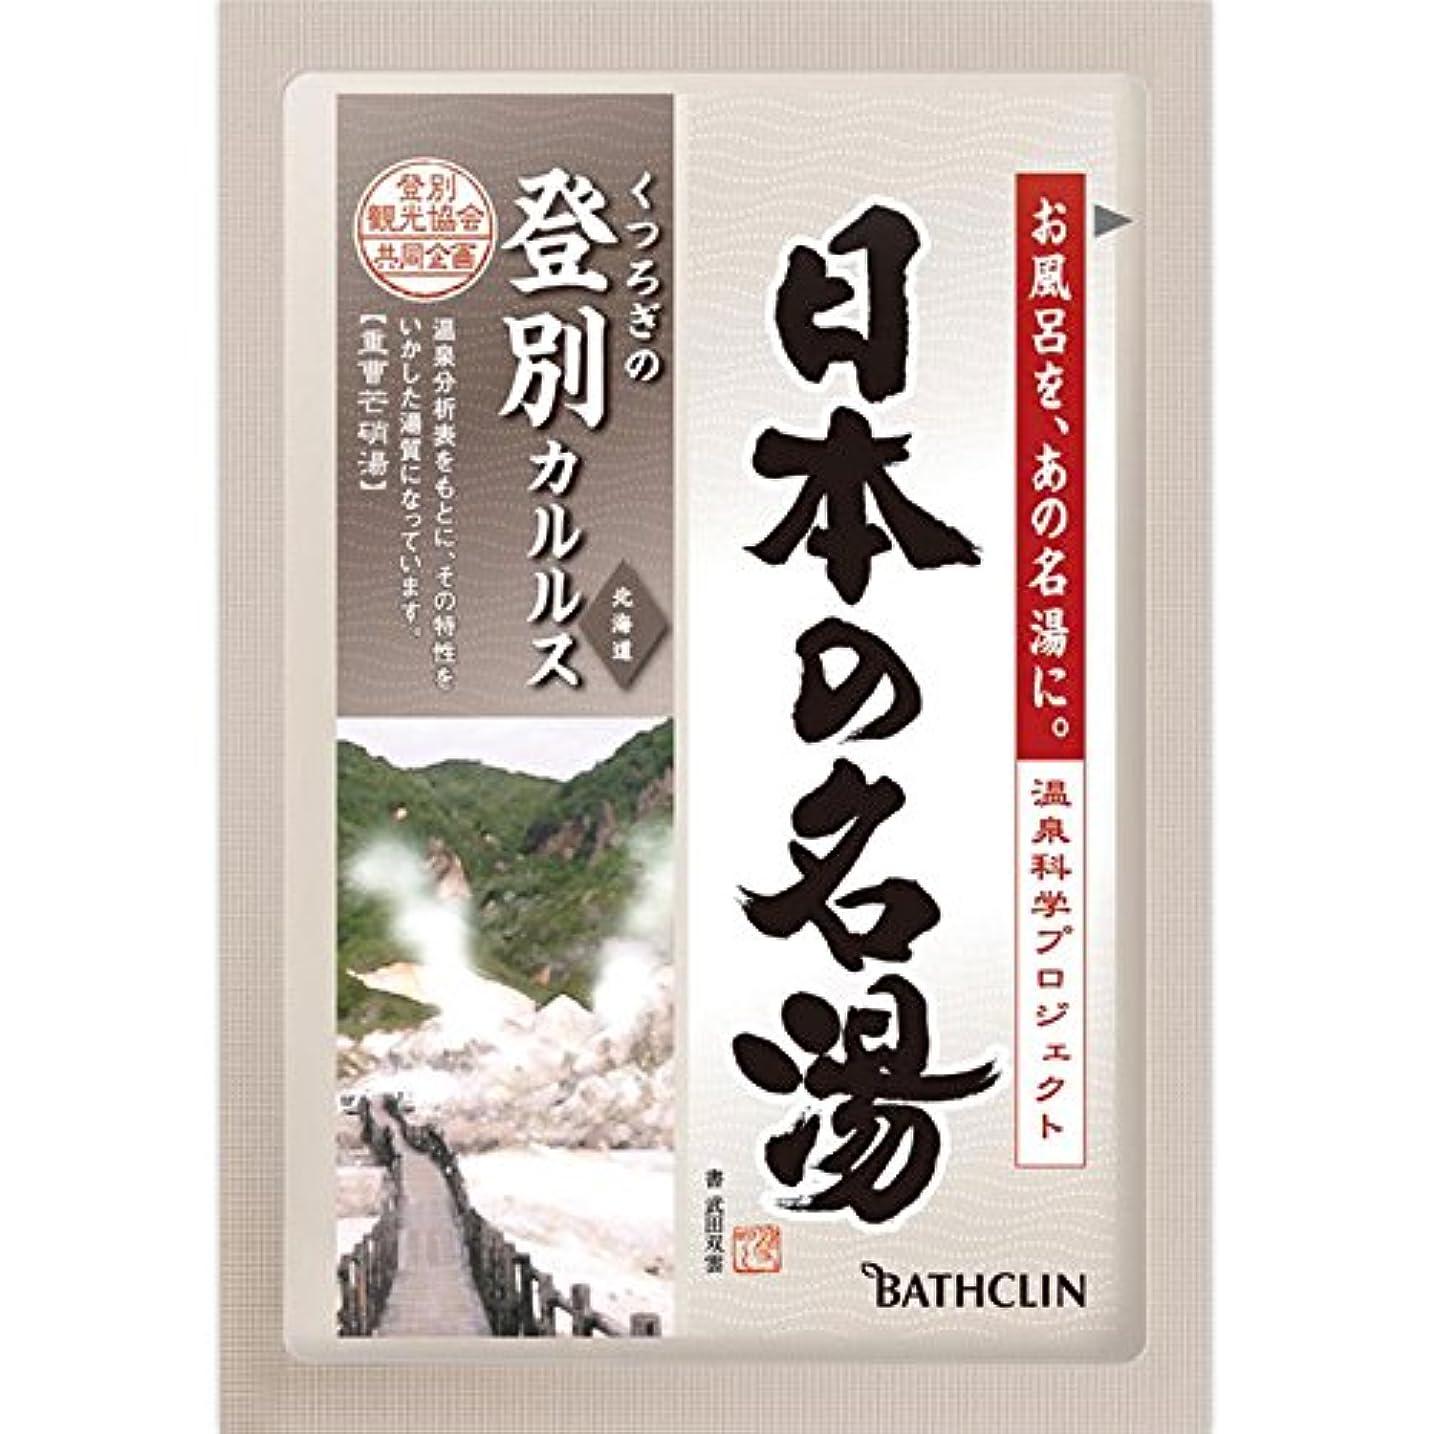 触手用量コストバスクリン 日本の名湯 登別カルルス 30g (医薬部外品)